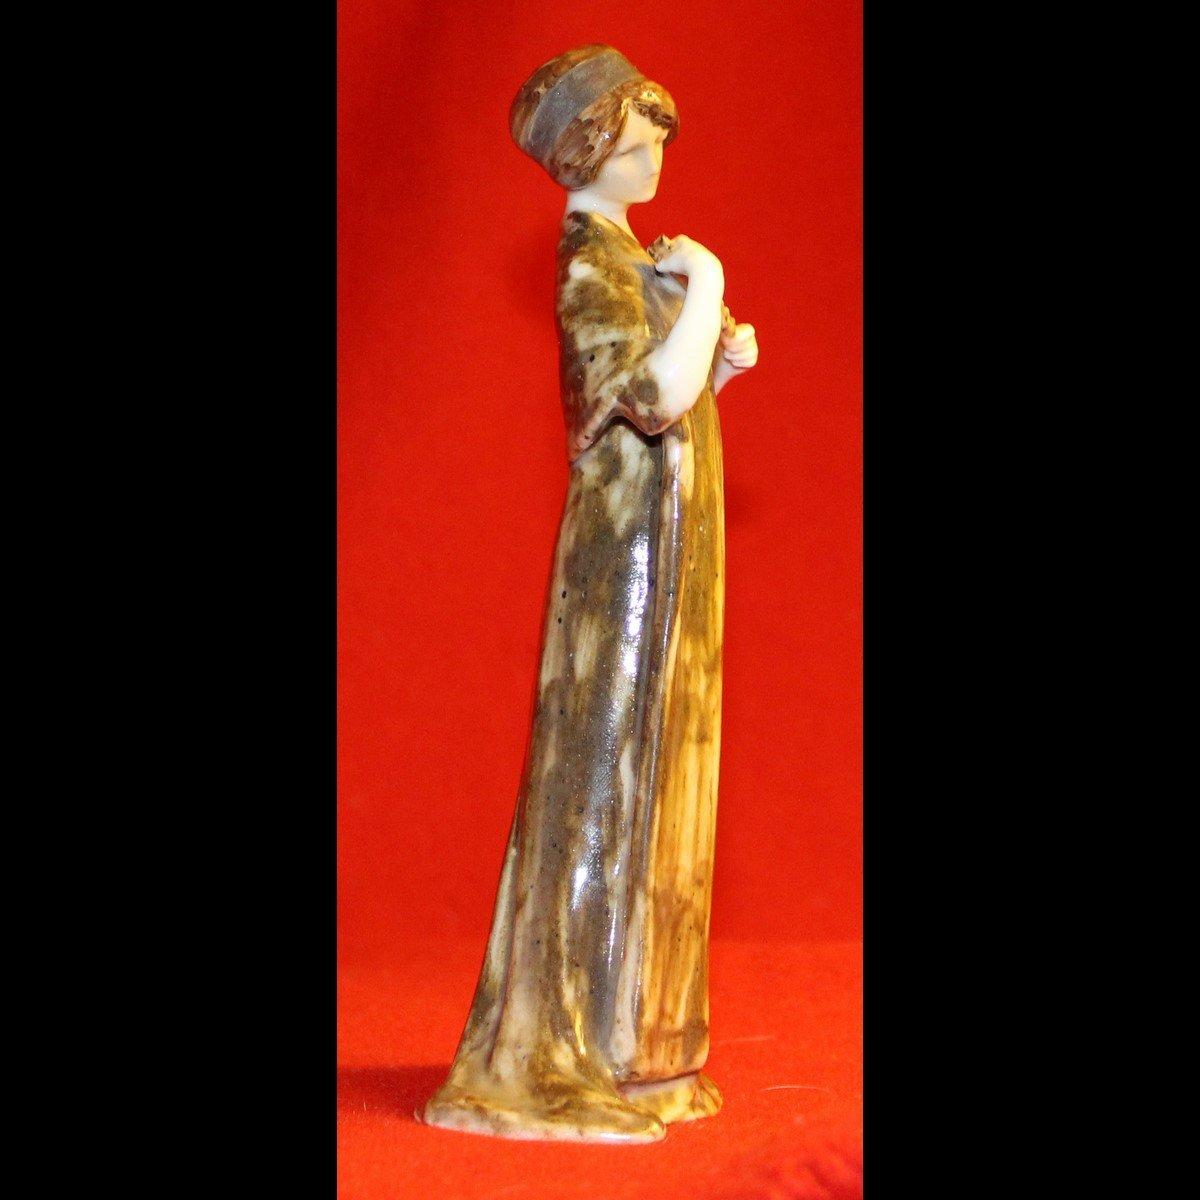 galerie-bosetti-antiquites,art nouveau femme, profil droit